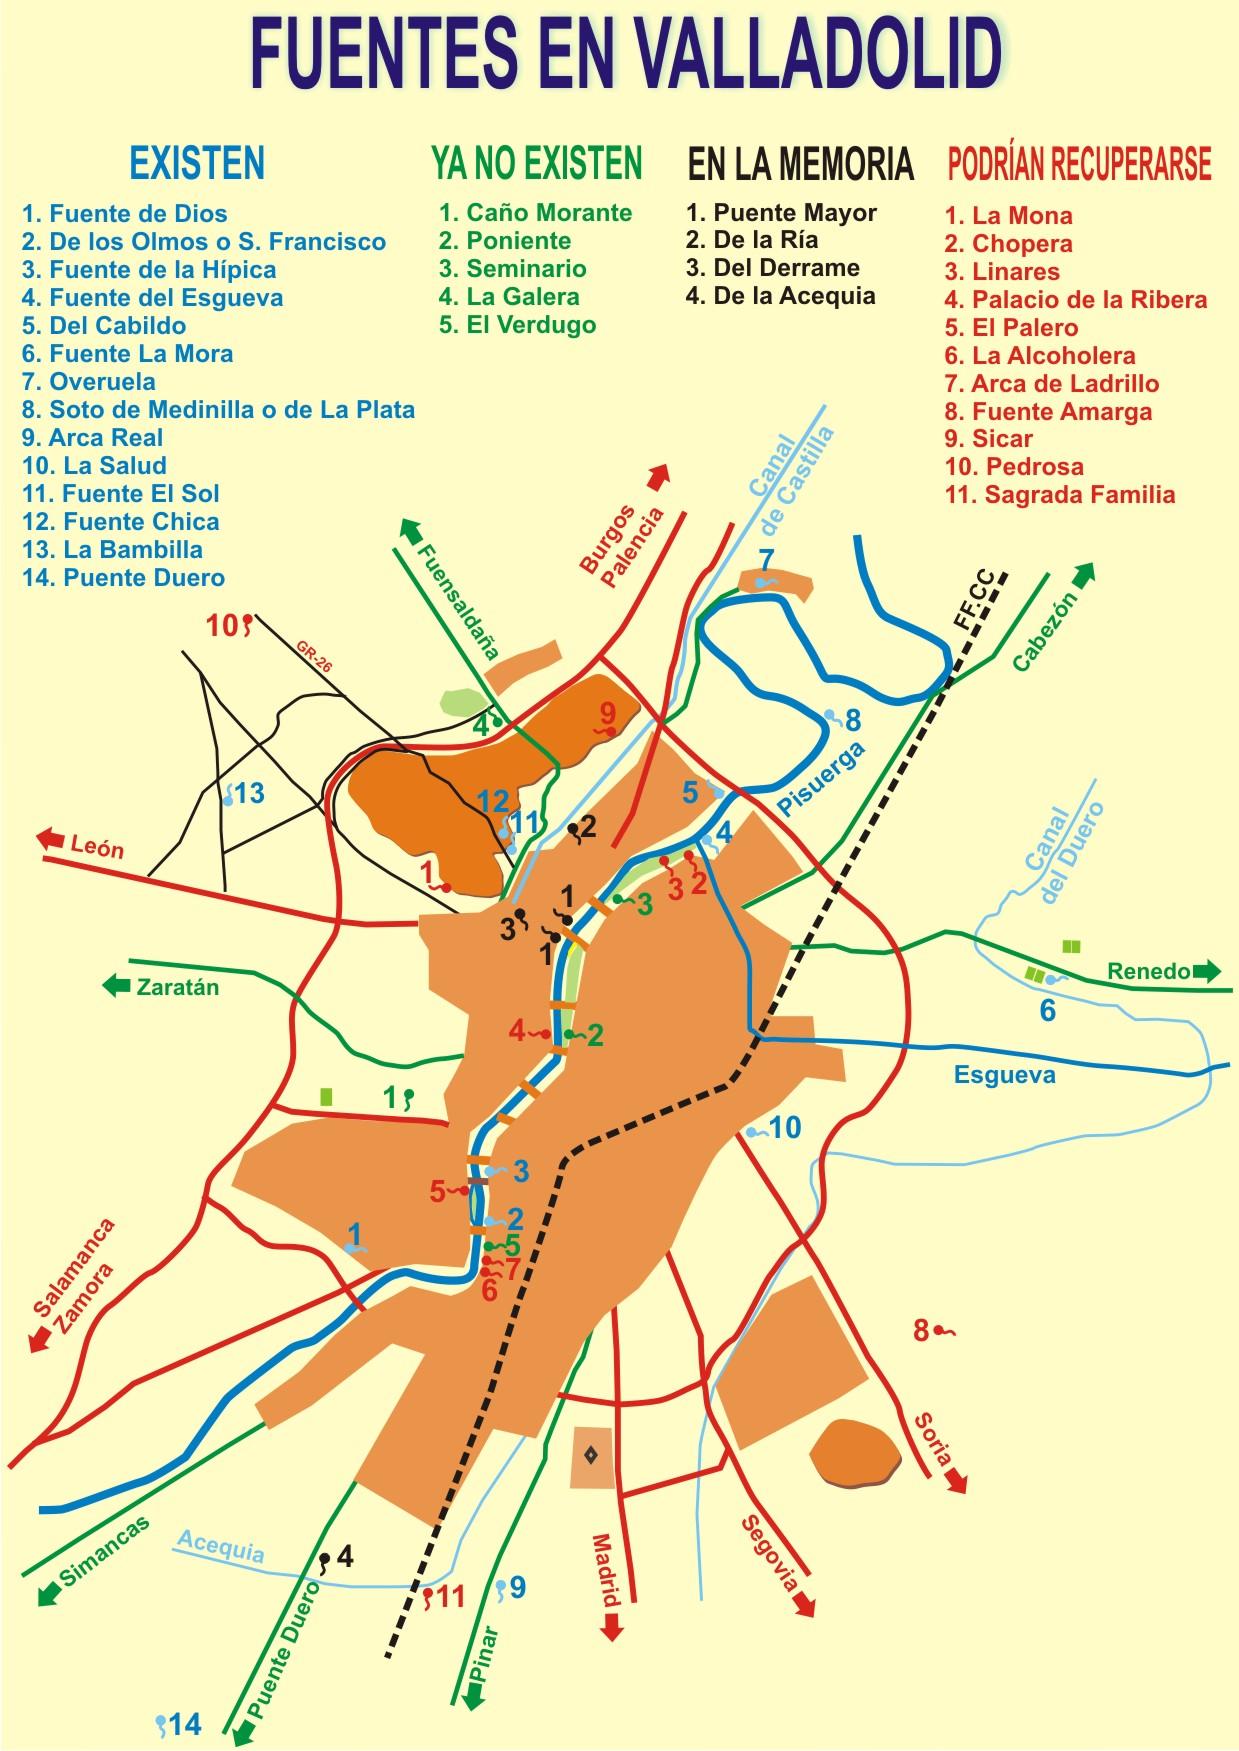 Fuentes en Valladolid